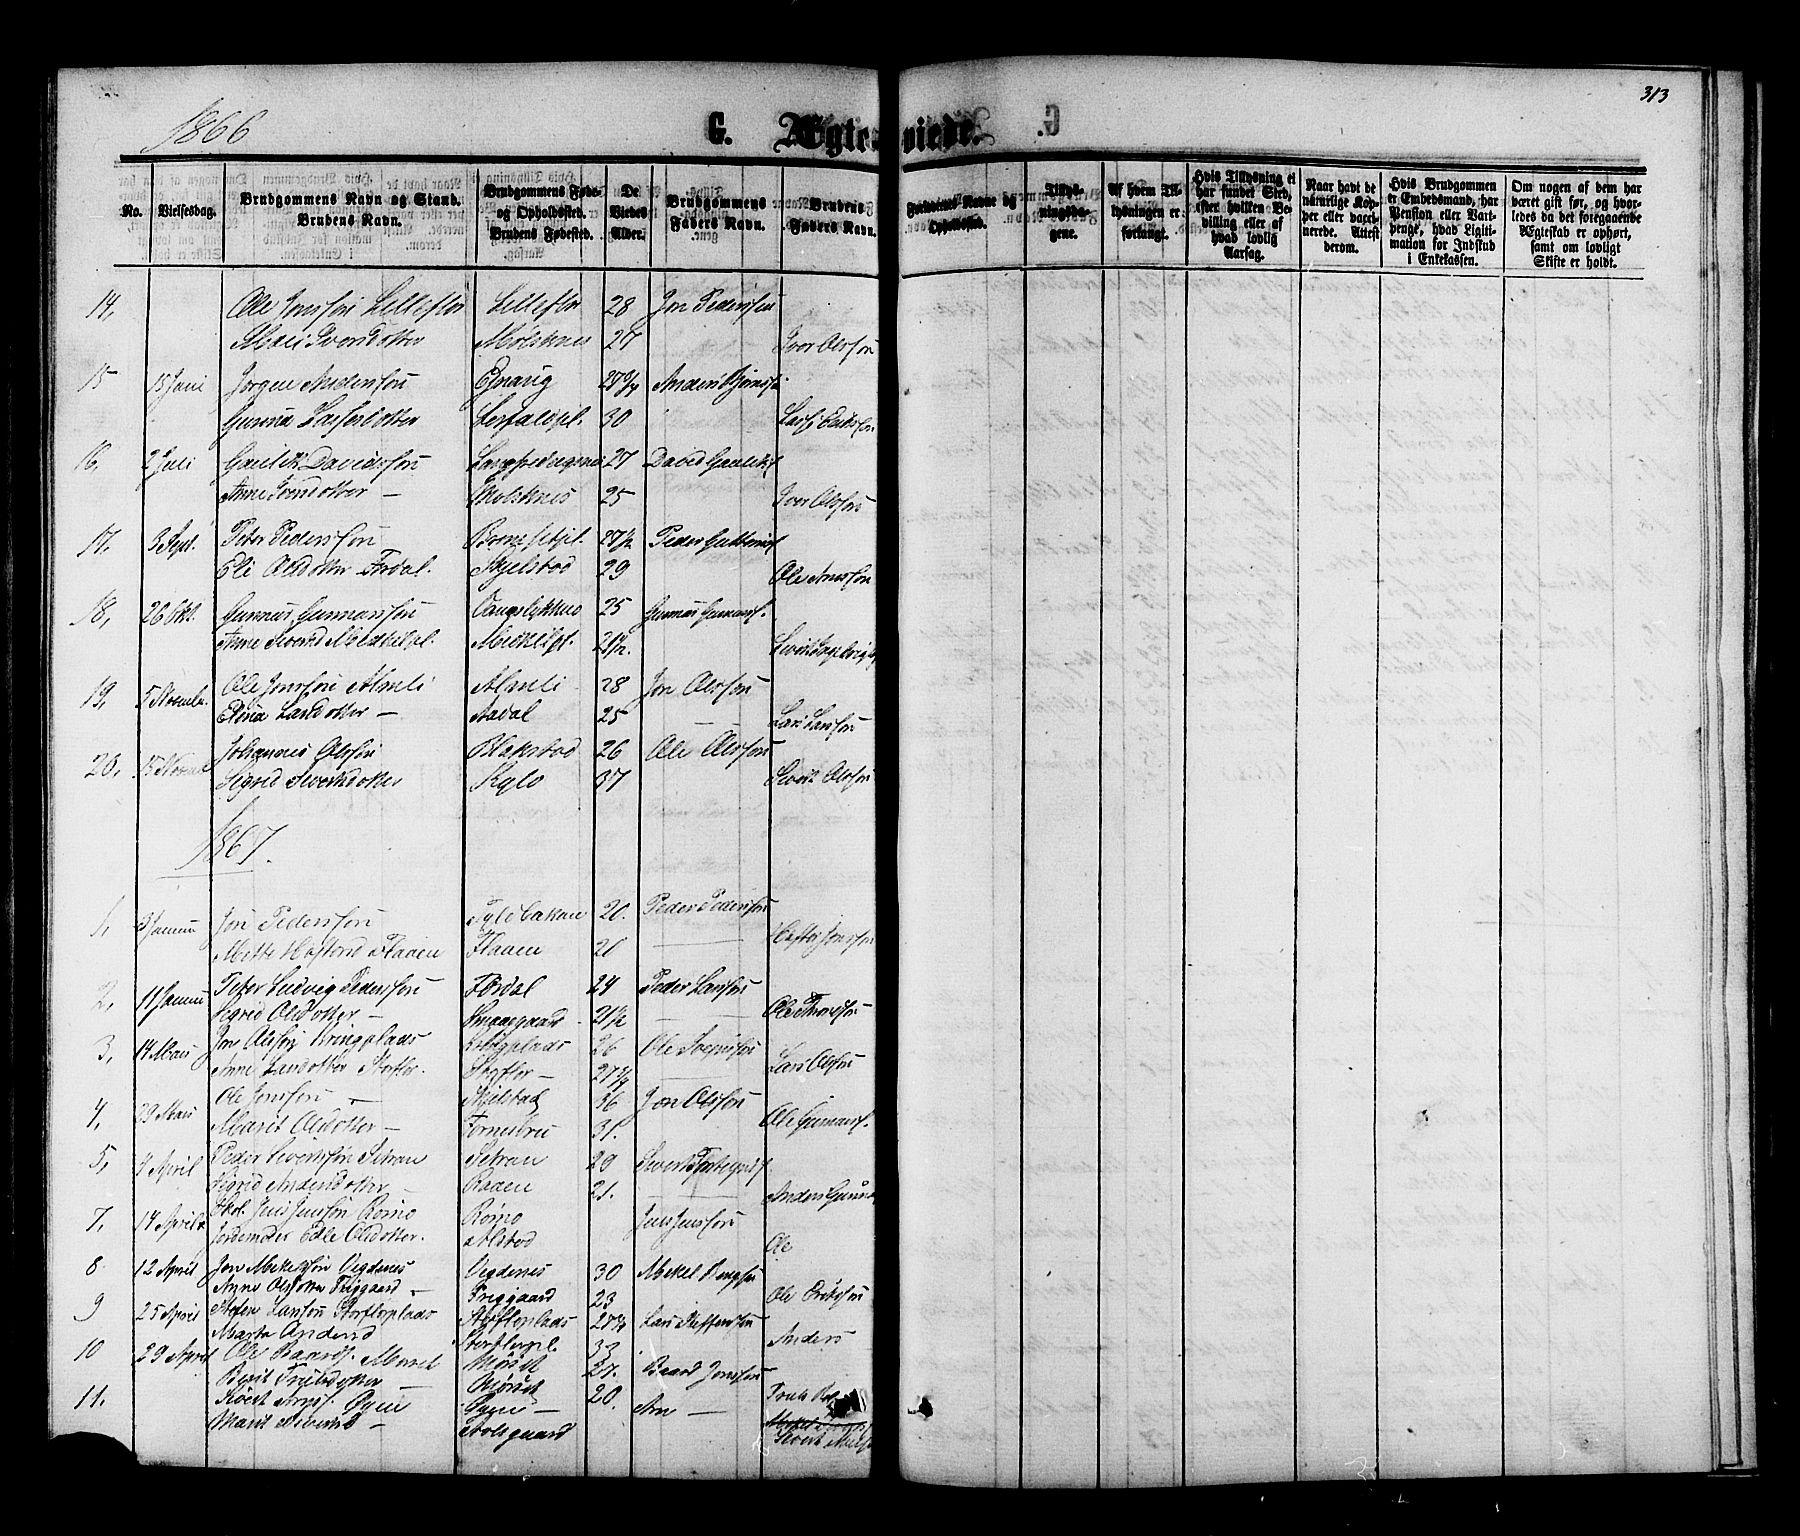 SAT, Ministerialprotokoller, klokkerbøker og fødselsregistre - Nord-Trøndelag, 703/L0038: Klokkerbok nr. 703C01, 1864-1870, s. 313